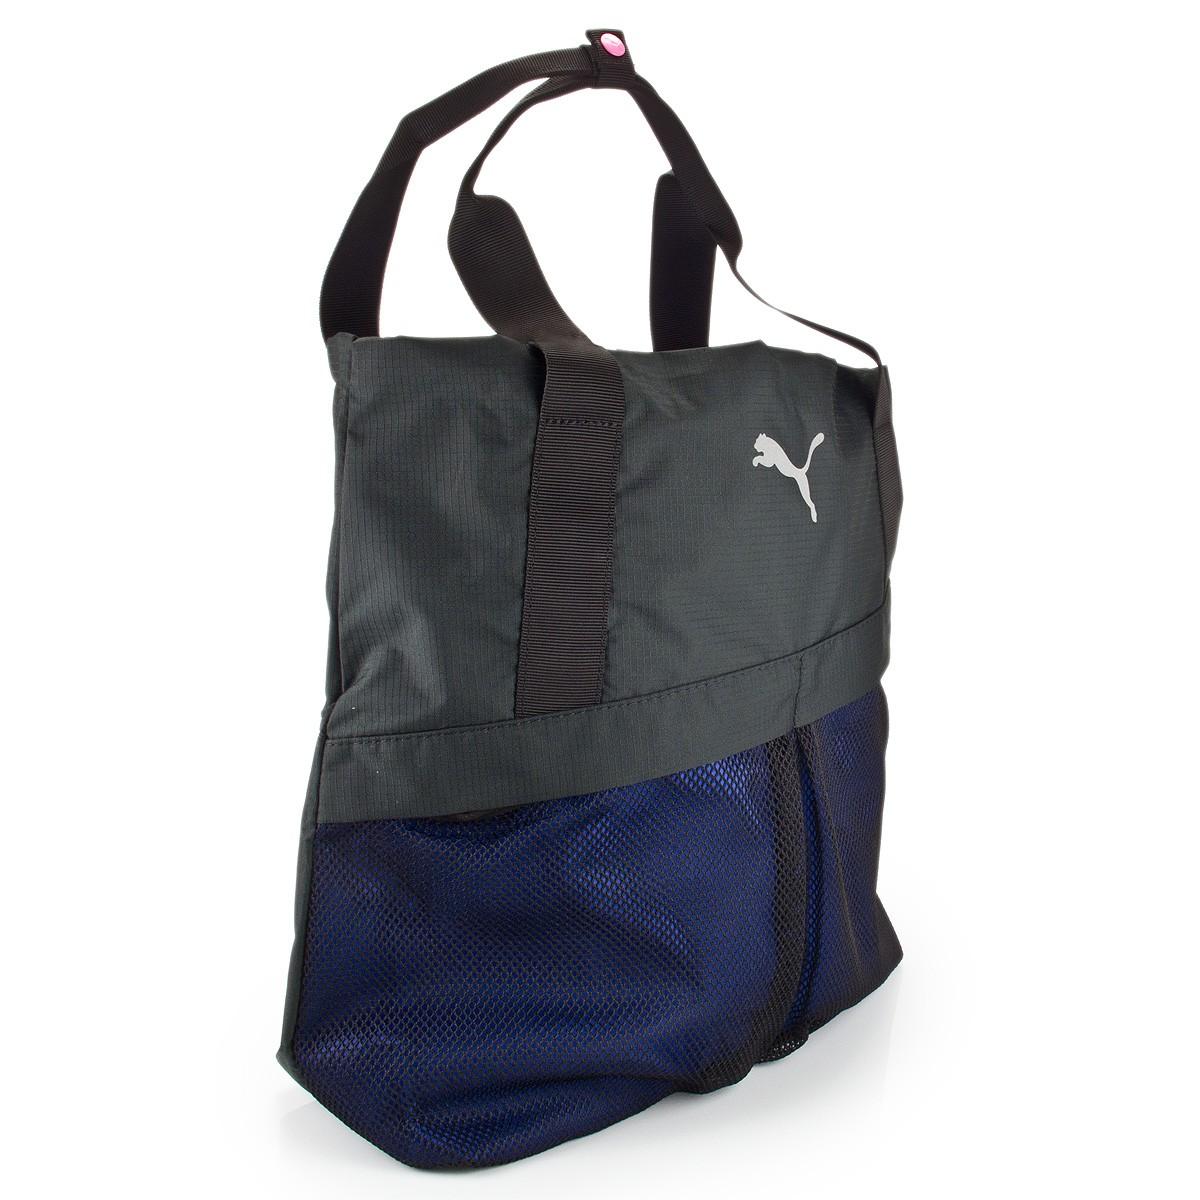 fe324446b Bolsa Gym Puma Shopper 072189 | Acessórios | MaxTennis